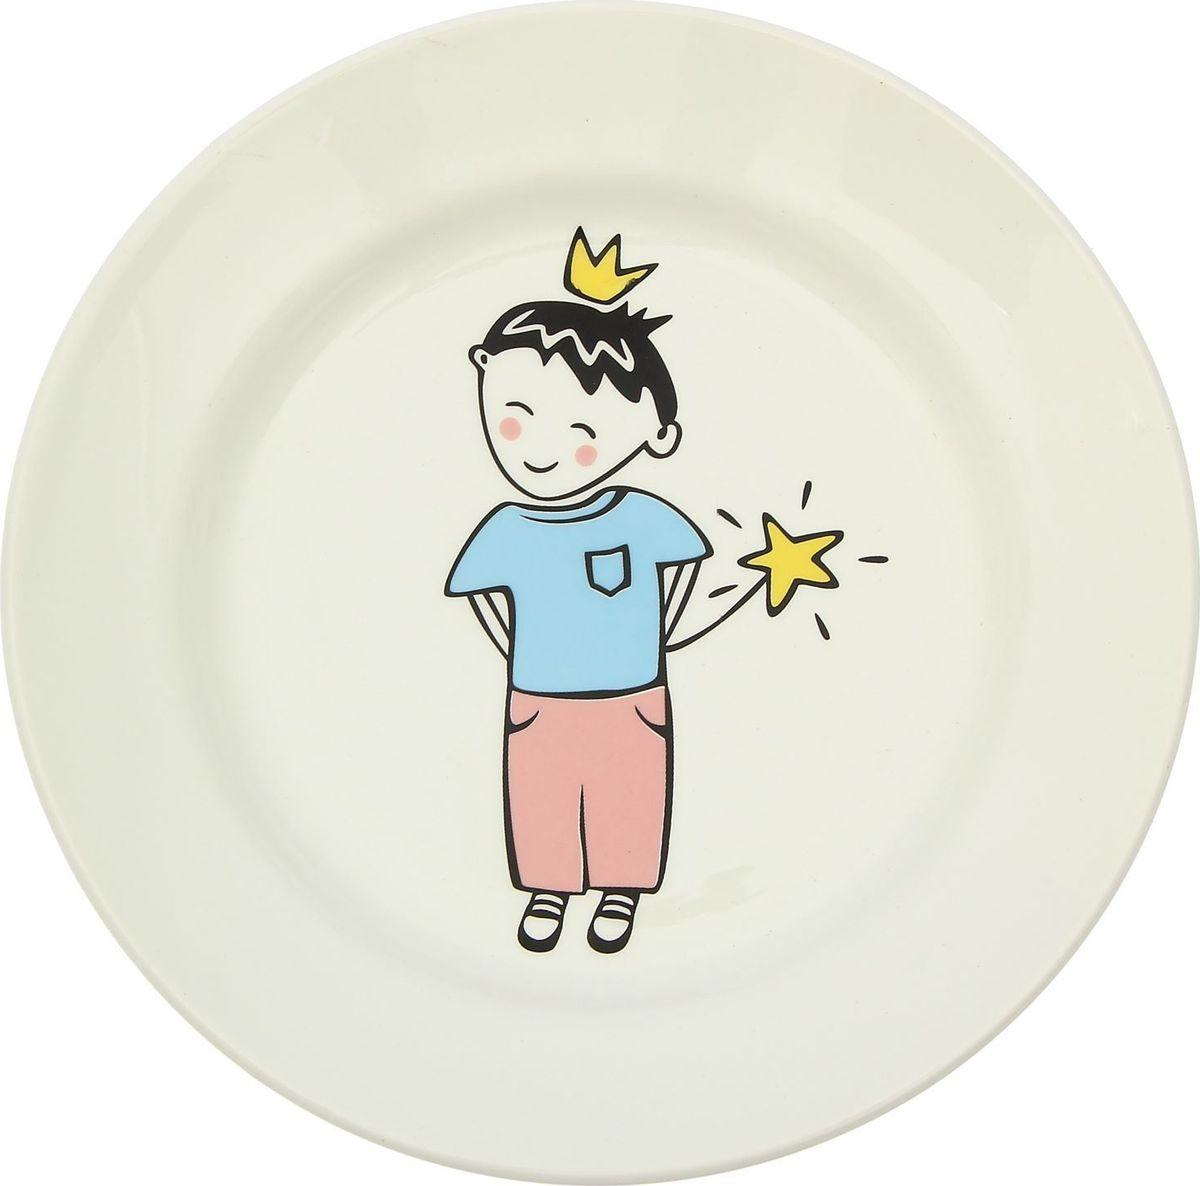 Тарелка Сотвори Чудо Маленький король с бортами, диаметр 20 см2470640Хотите обновить интерьер кухни или гостиной? Устраиваете необычную фотосессию или тематический праздник? А может, просто ищете подарок для близкого человека? Посуда « Сотвори Чудо» — правильный выбор в любой ситуации. Её достоинства: изящный фаянс нежного сливочного цвета; стойкость краски; пригодность для посудомоечных машин.